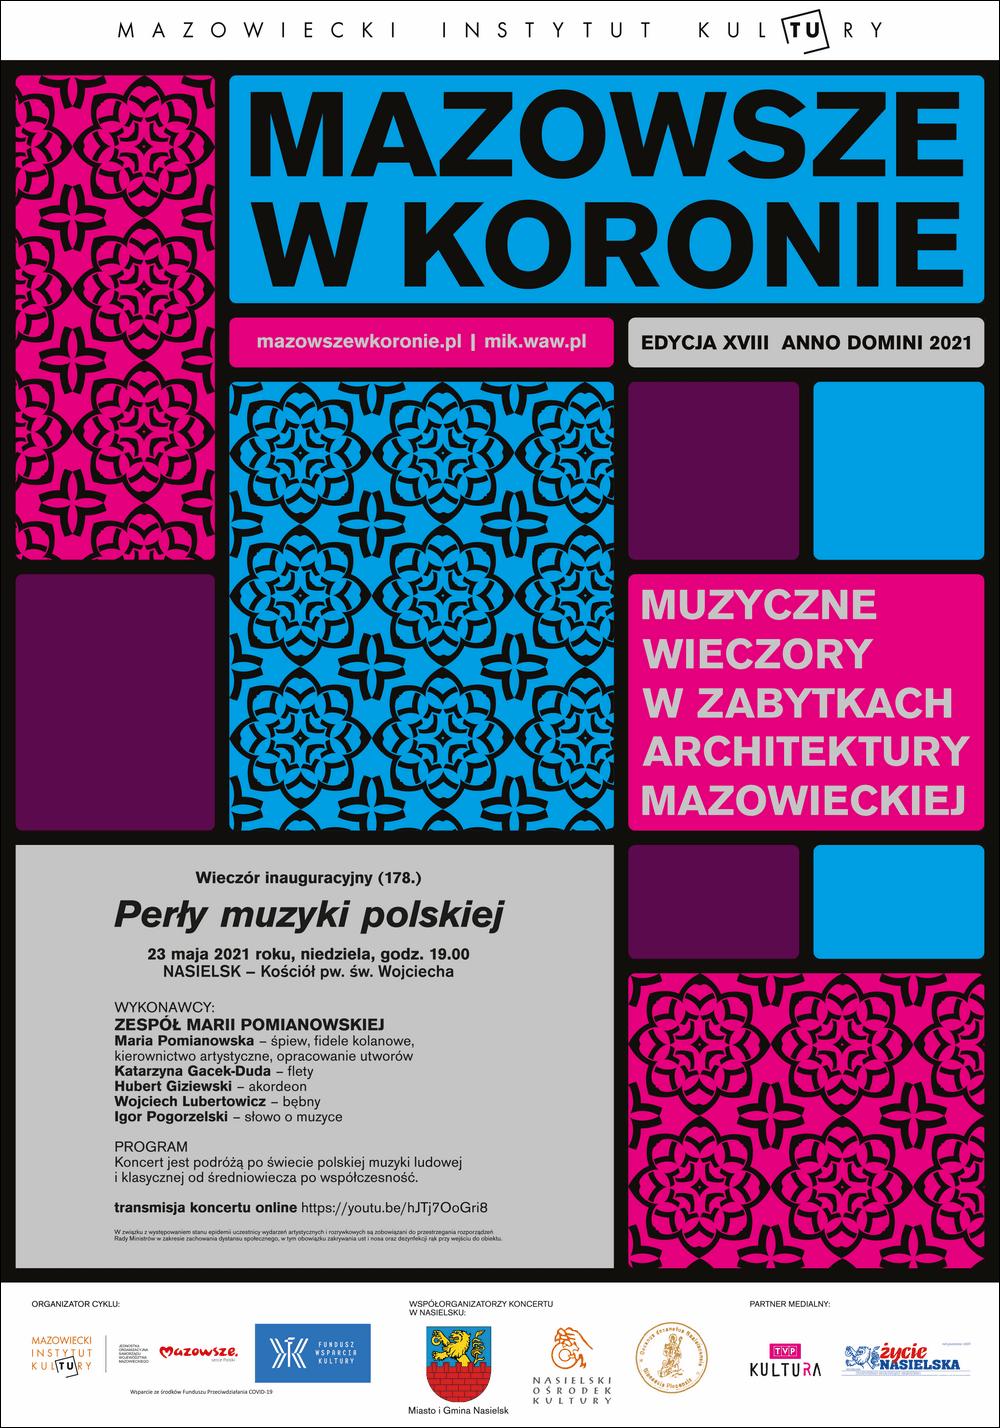 plakat, grafika: niebieskie i bordowe prostokąty i napis 23 maja, Nasielsk Zespół Marii Pomianowskiej Perły muzyki polskiej – Mazowsze w Koronie